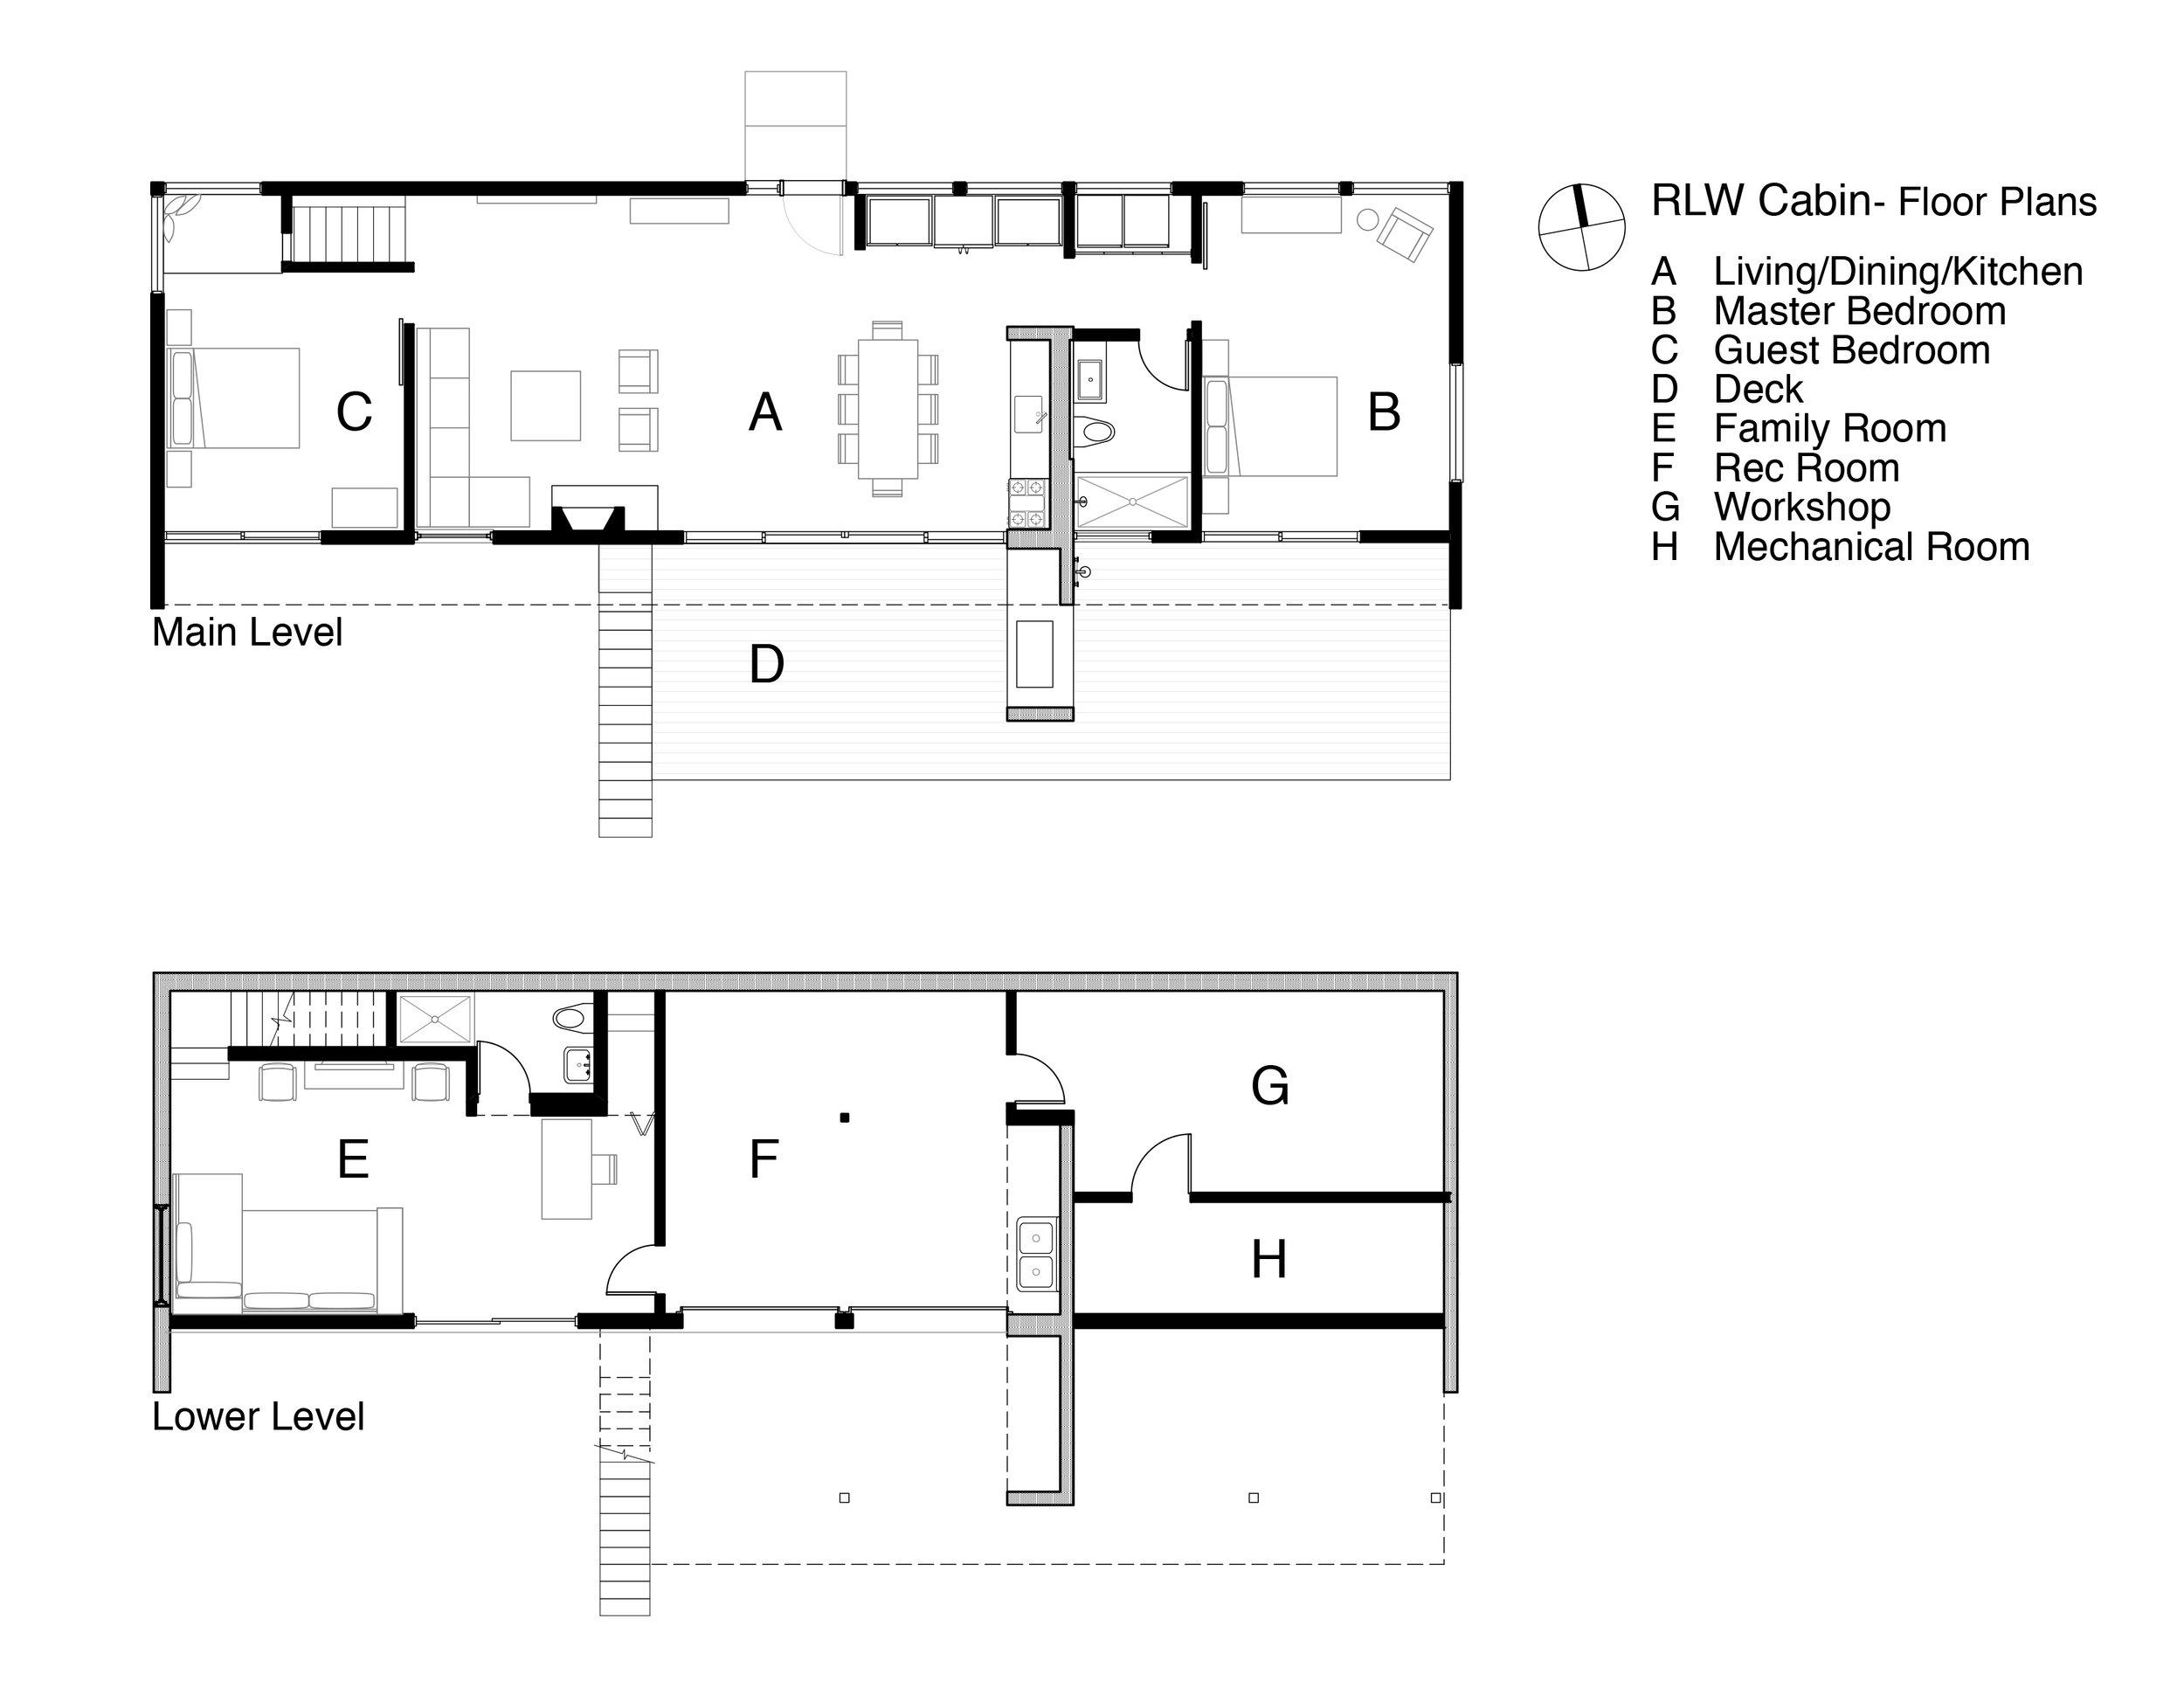 Shadow Arch RLW Cabin Plan.jpg